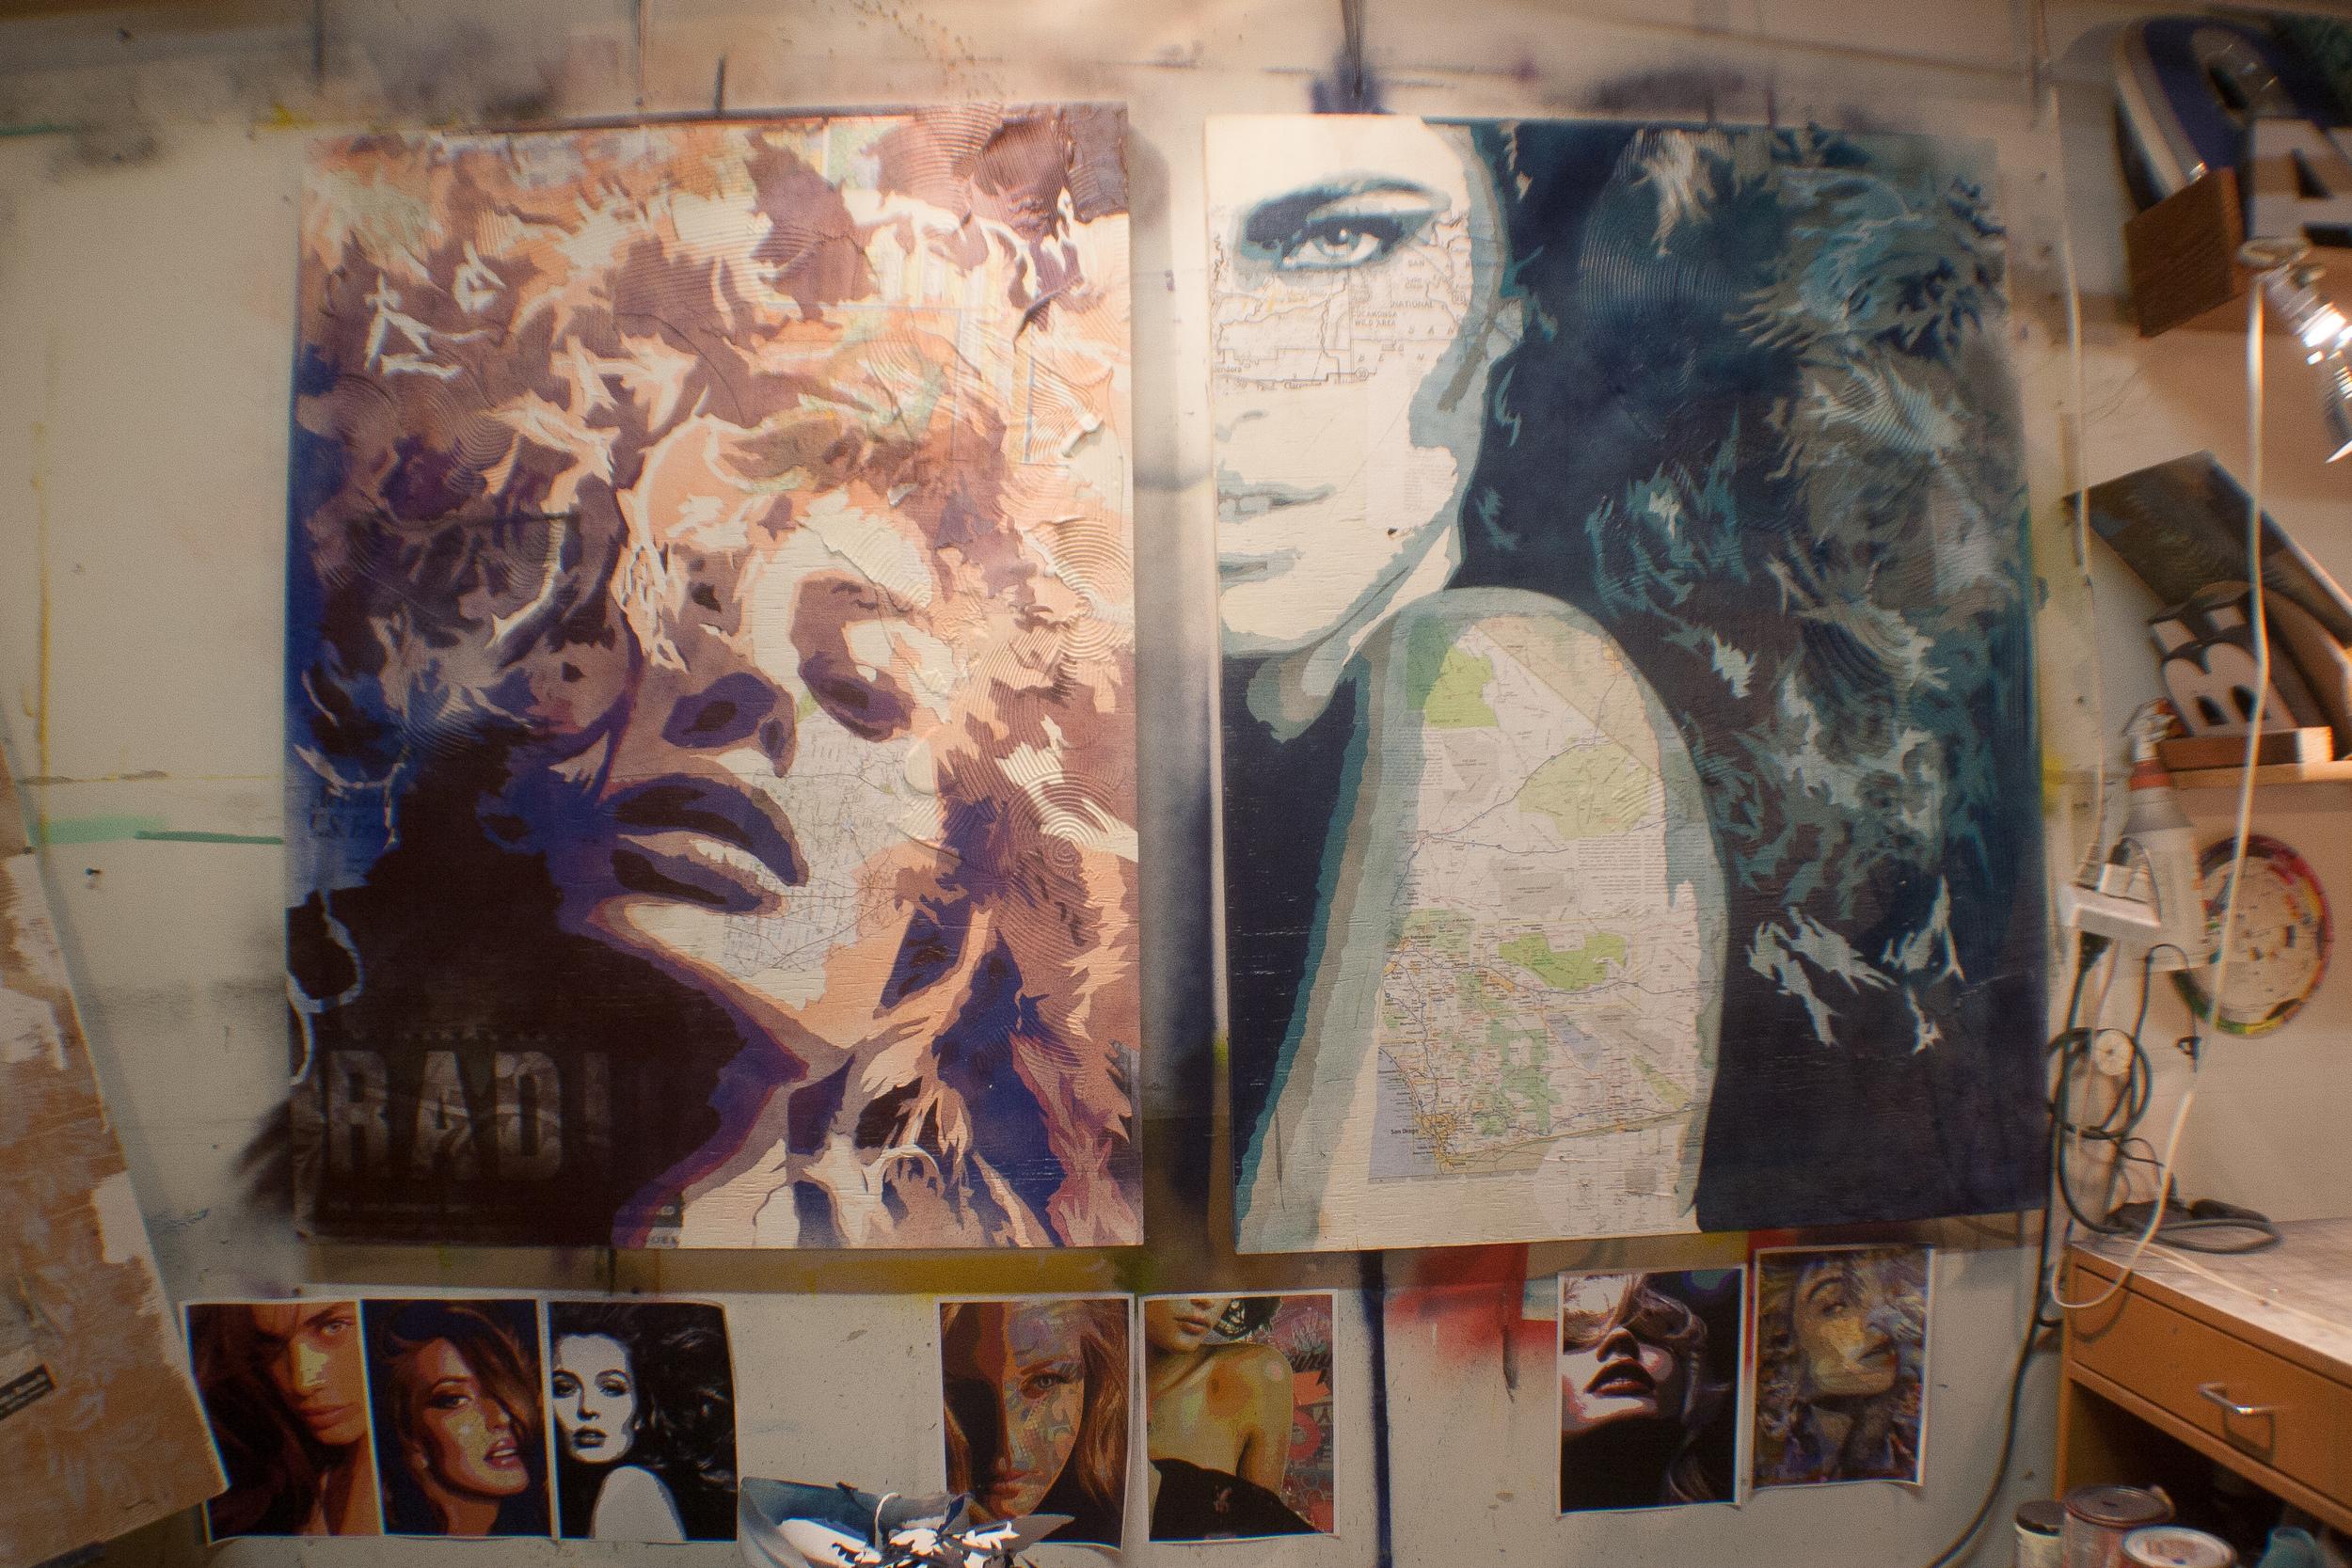 cory_bennett_artwork_014.jpg